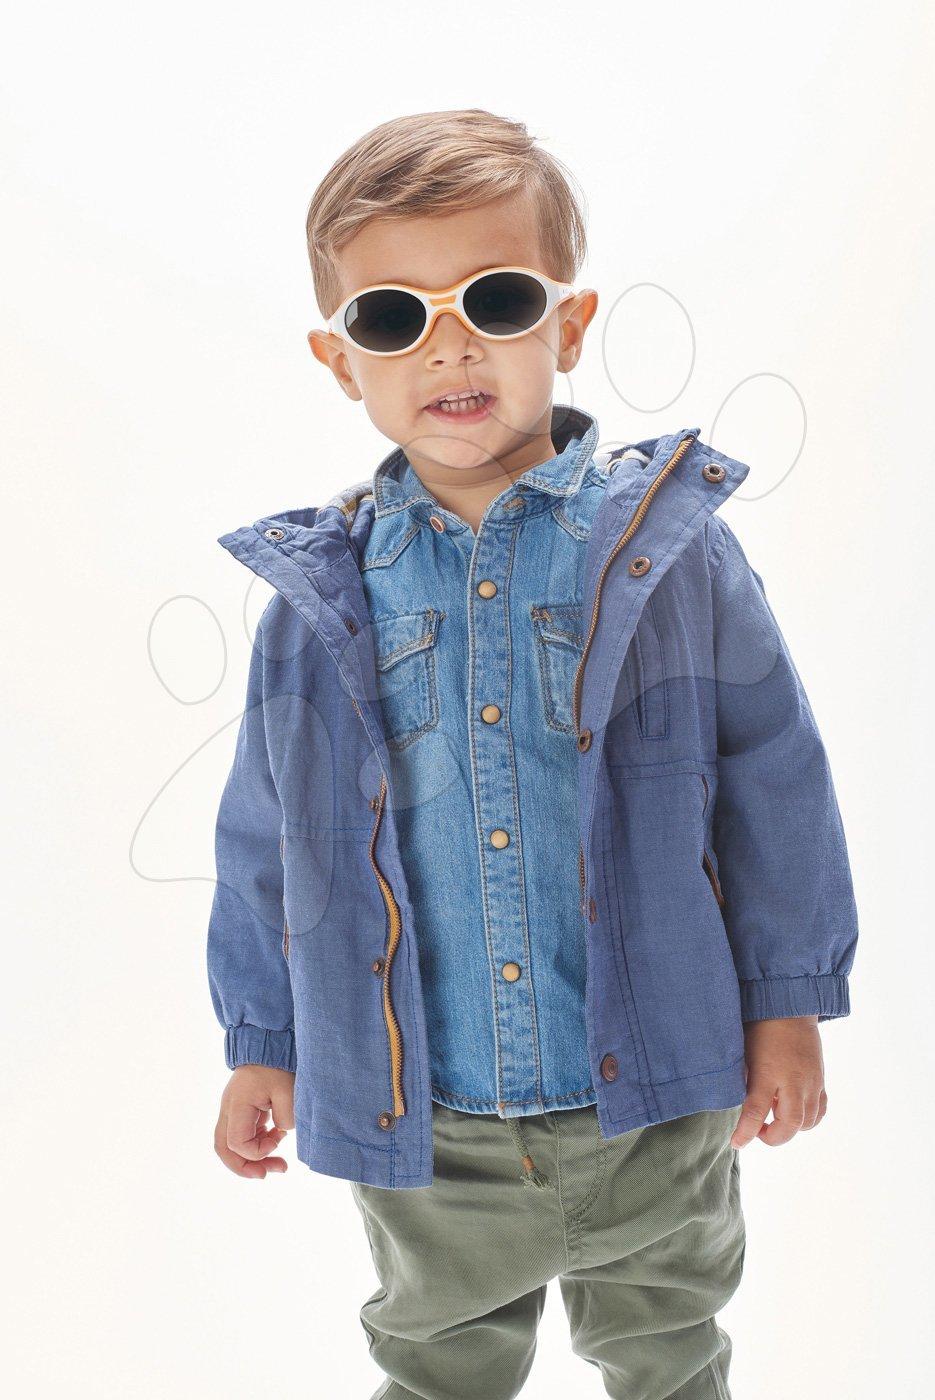 ... Kids M UV szűrő 3 narancssárga. 930261 c beaba sunglasses. A teljes  élmény érdekében 7e7e792b9a